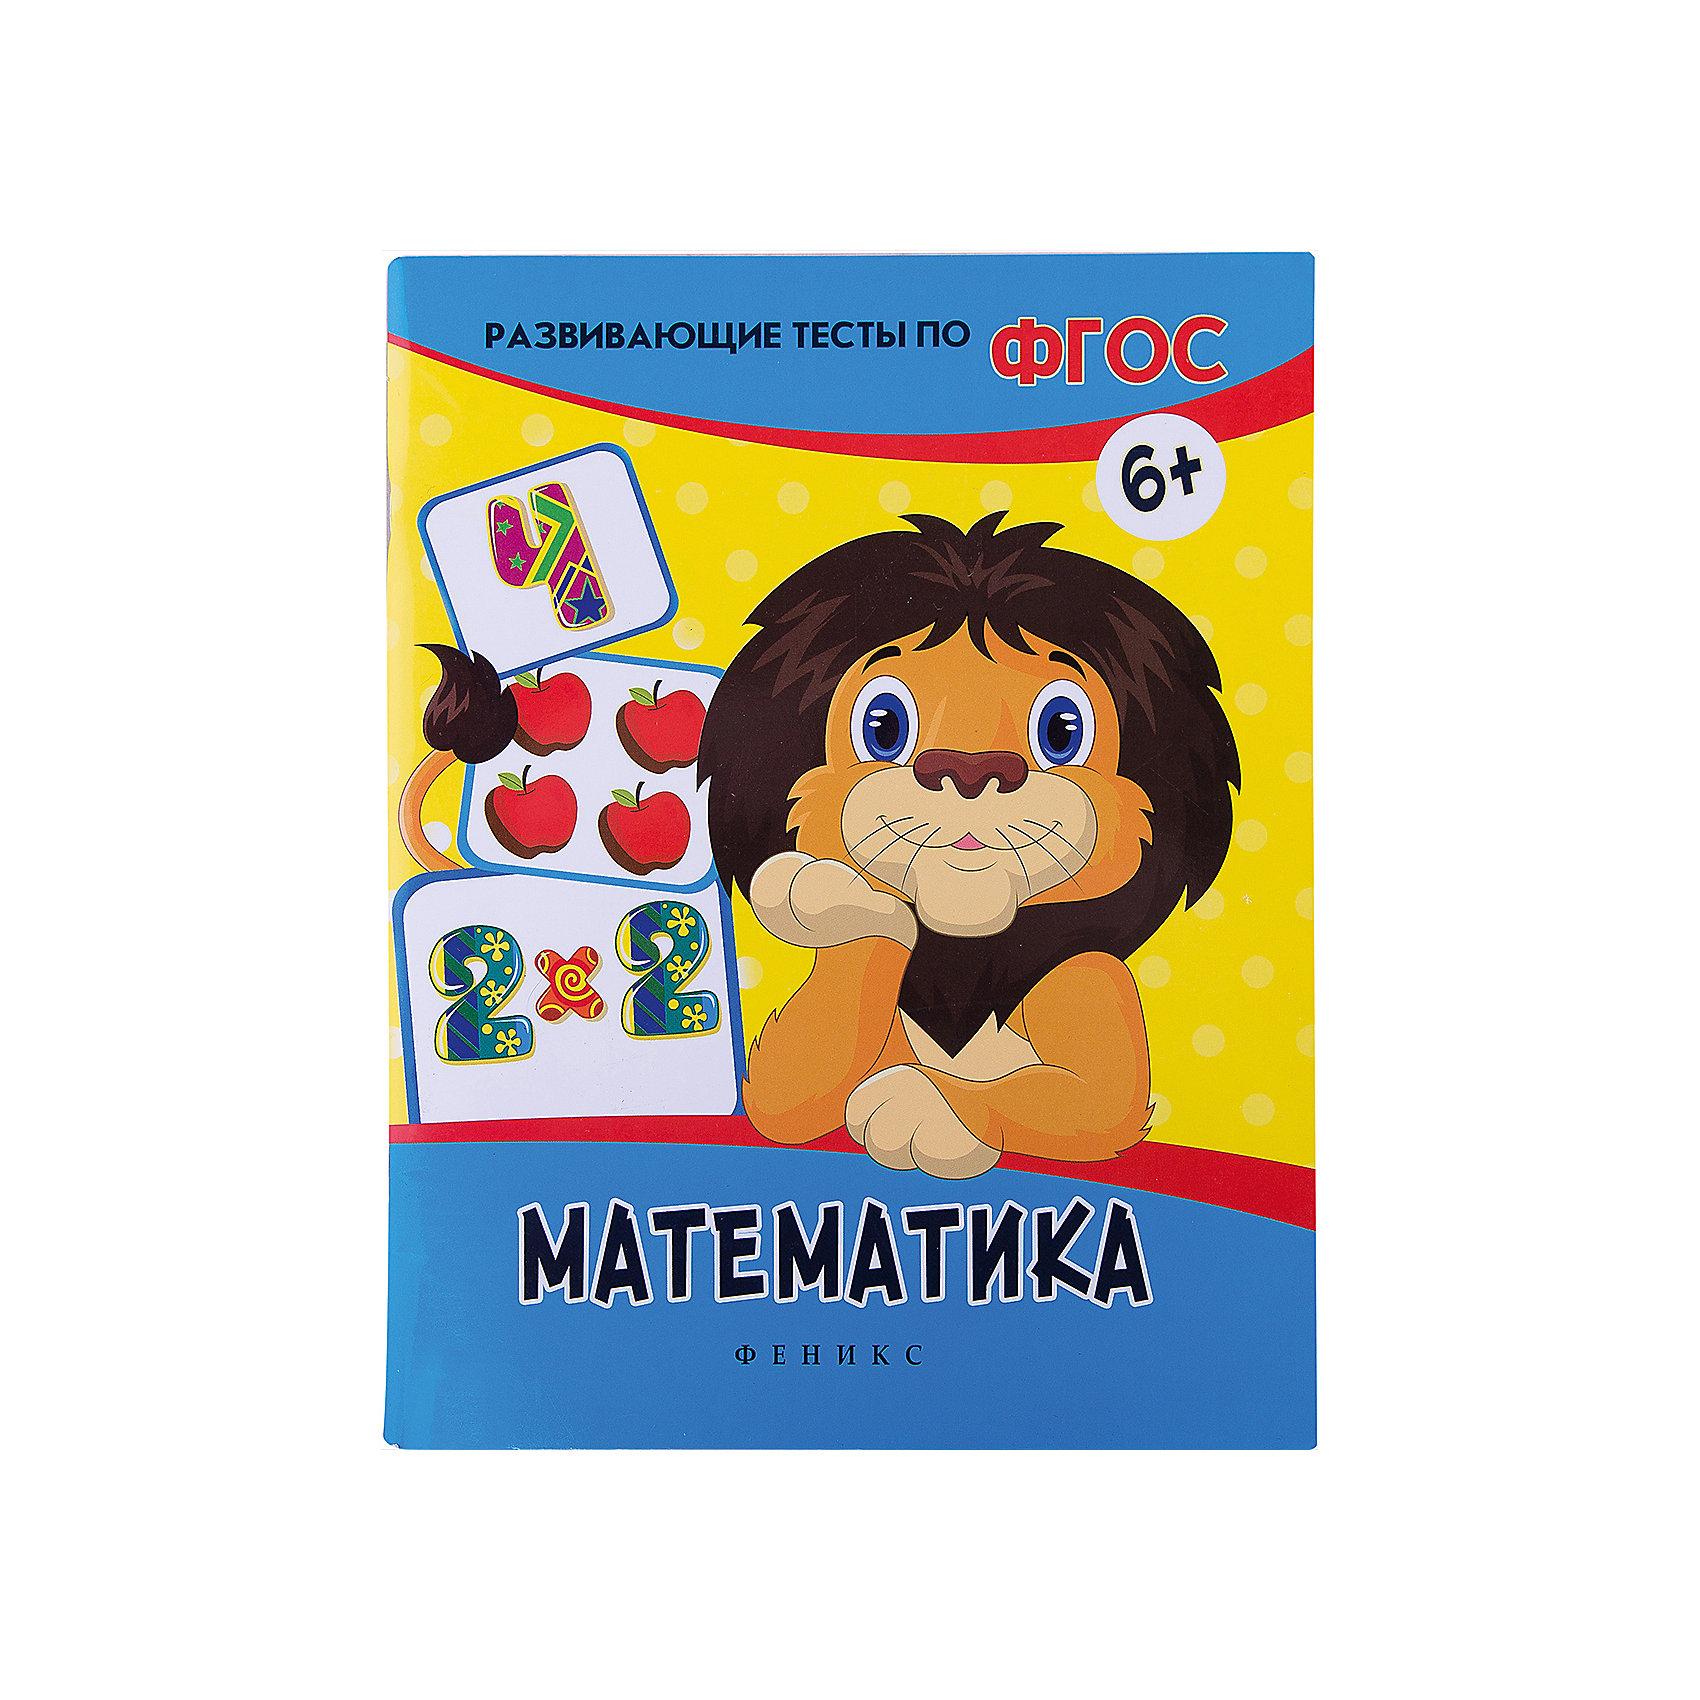 Математика: развивающие тестыПособия для обучения счёту<br>Издание Математика: развивающие тесты станет Вам прекрасным помощником в подготовке ребенка к школе. Вы сможете проверить уровень знания математики (цифры и числа, сложение и вычитание, решение задач, геометрия) у детей старшего дошкольного возраста. Задания в<br>книге представлены в виде тестов: нужно выбрать правильный ответ из четырех предложенных вариантов. Все задания делятся на четыре тематических раздела, в каждом из которых содержится 25 заданий. Выполняя задание, ребенок должен найти правильный ответ и отметить его<br>значком (галочкой или крестиком). Когда все задания в разделе будут выполнены, проверьте правильность ответов и запишите верные ответы в квадратиках рядом с текстом вопроса. Прочитайте задание вслух и дайте ребенку возможность выполнить его самостоятельно. Не<br>допускайте переутомления малыша - занимайтесь по книжке не более 20-25 минут в день. Хвалите малыша за старание!<br><br><br>Дополнительная информация:<br><br>- Автор: В. А. Белых.<br>- Серия: Развивающие тесты по ФГОС.<br>- Обложка: мягкая.<br>- Иллюстрации: цветные.<br>- Объем: 64 стр.<br>- Размер: 26 x 0,5 x 20 см.<br>- Вес: 188 гр.<br><br>Книгу Математика: развивающие тесты, Феникс-Премьер, можно купить в нашем интернет-магазине.<br><br>Ширина мм: 260<br>Глубина мм: 200<br>Высота мм: 5<br>Вес г: 1128<br>Возраст от месяцев: 36<br>Возраст до месяцев: 84<br>Пол: Унисекс<br>Возраст: Детский<br>SKU: 4771448